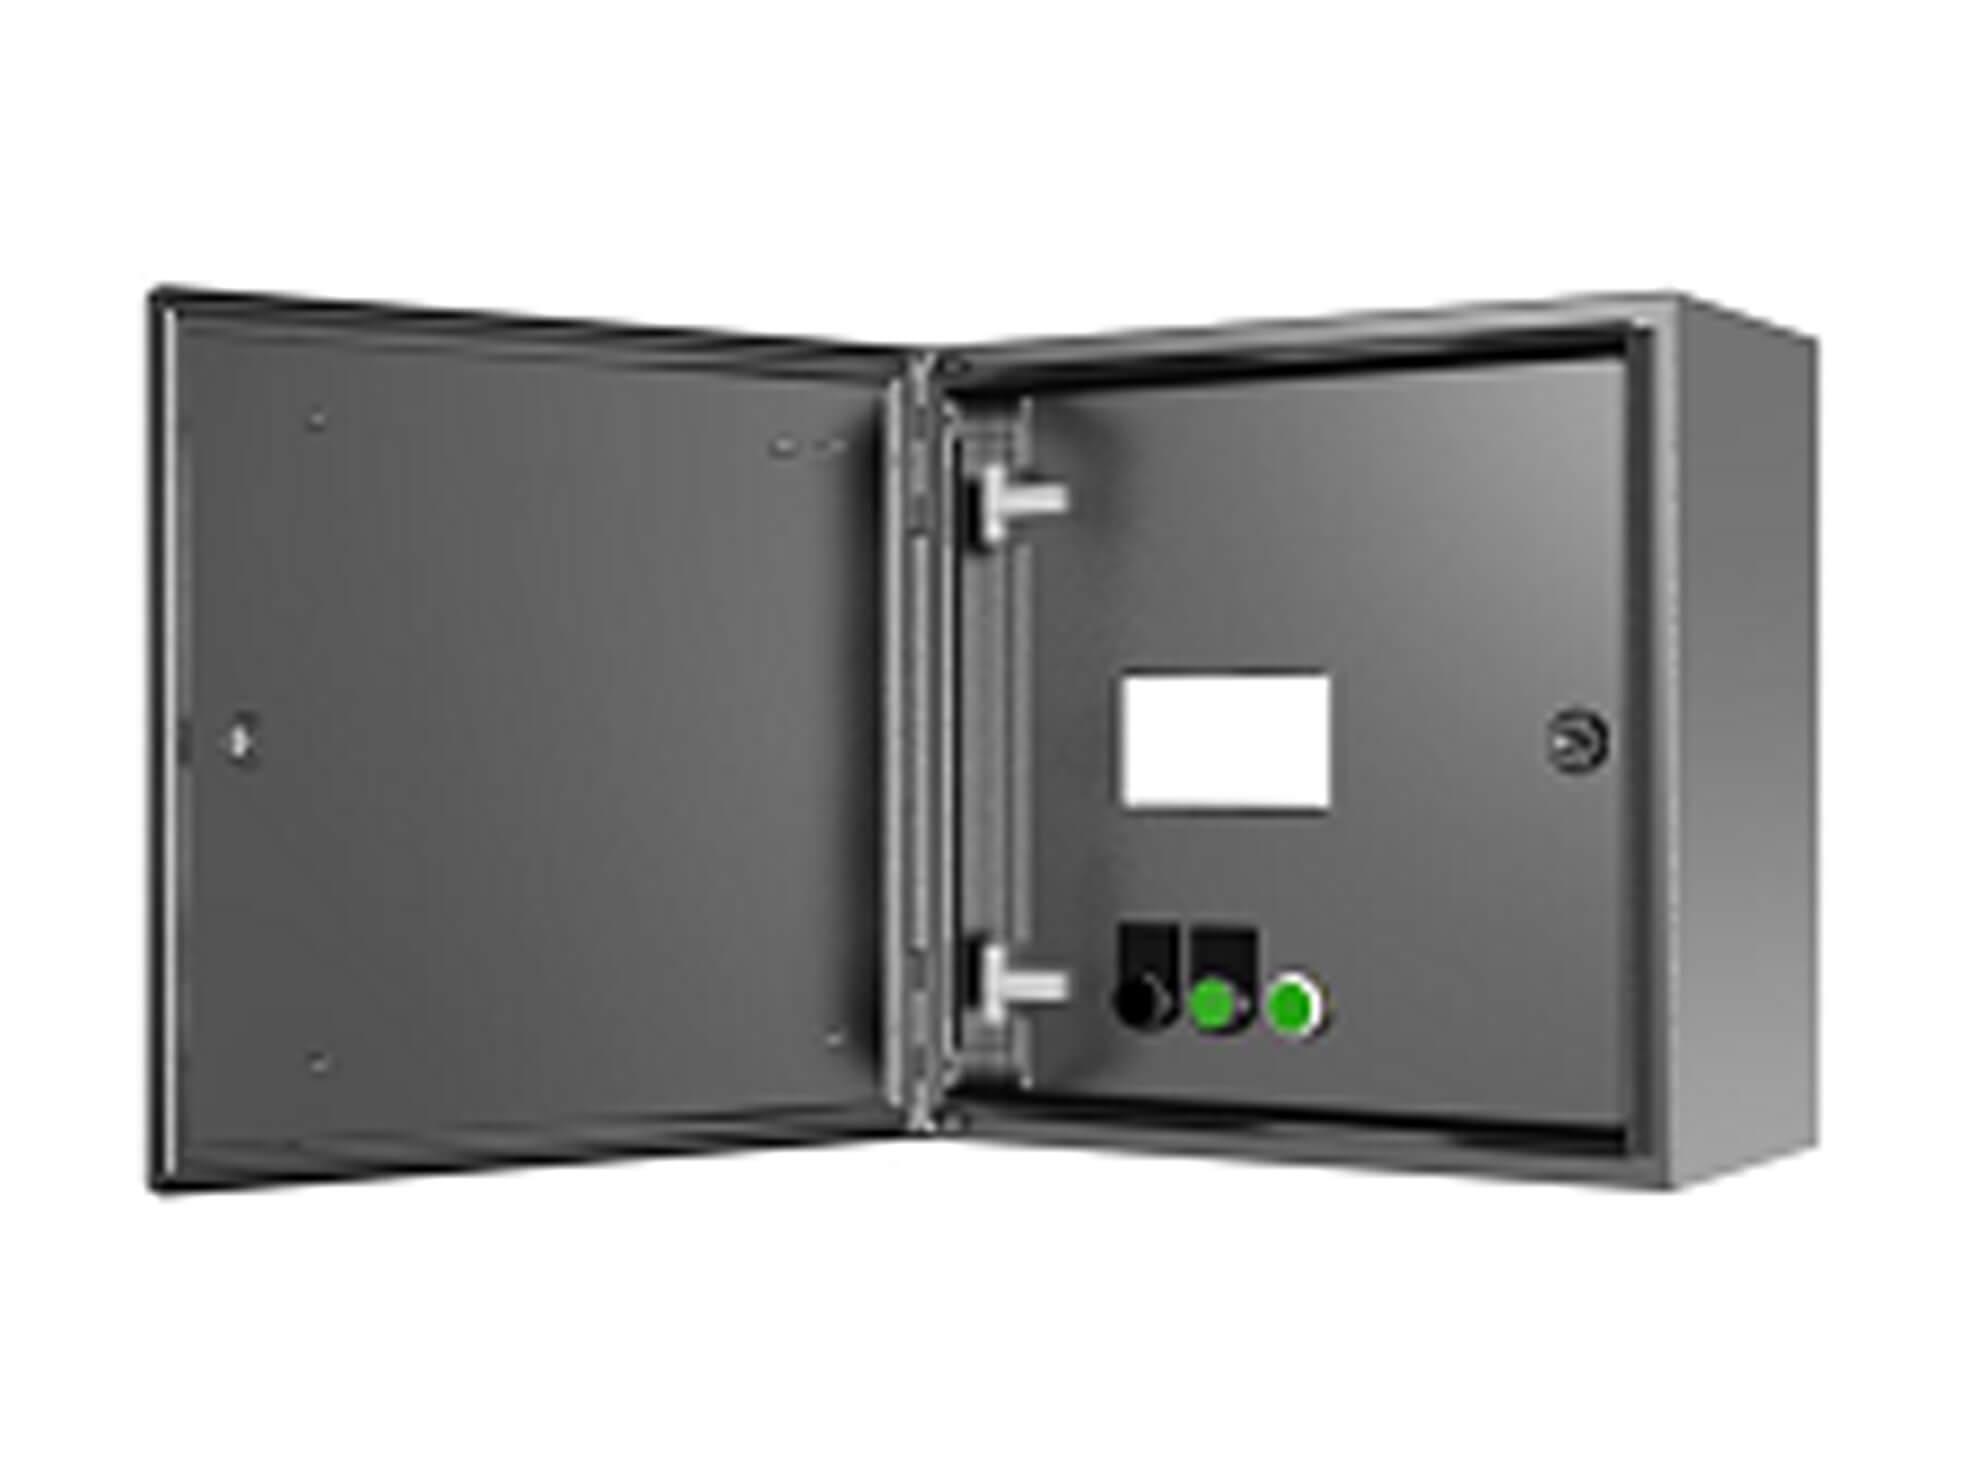 PMD2500® - Präzisions Mikrowellengerät - zur Prozesskontrolle in der industriellen Feuchtemessung | InduTech instruments GmbH